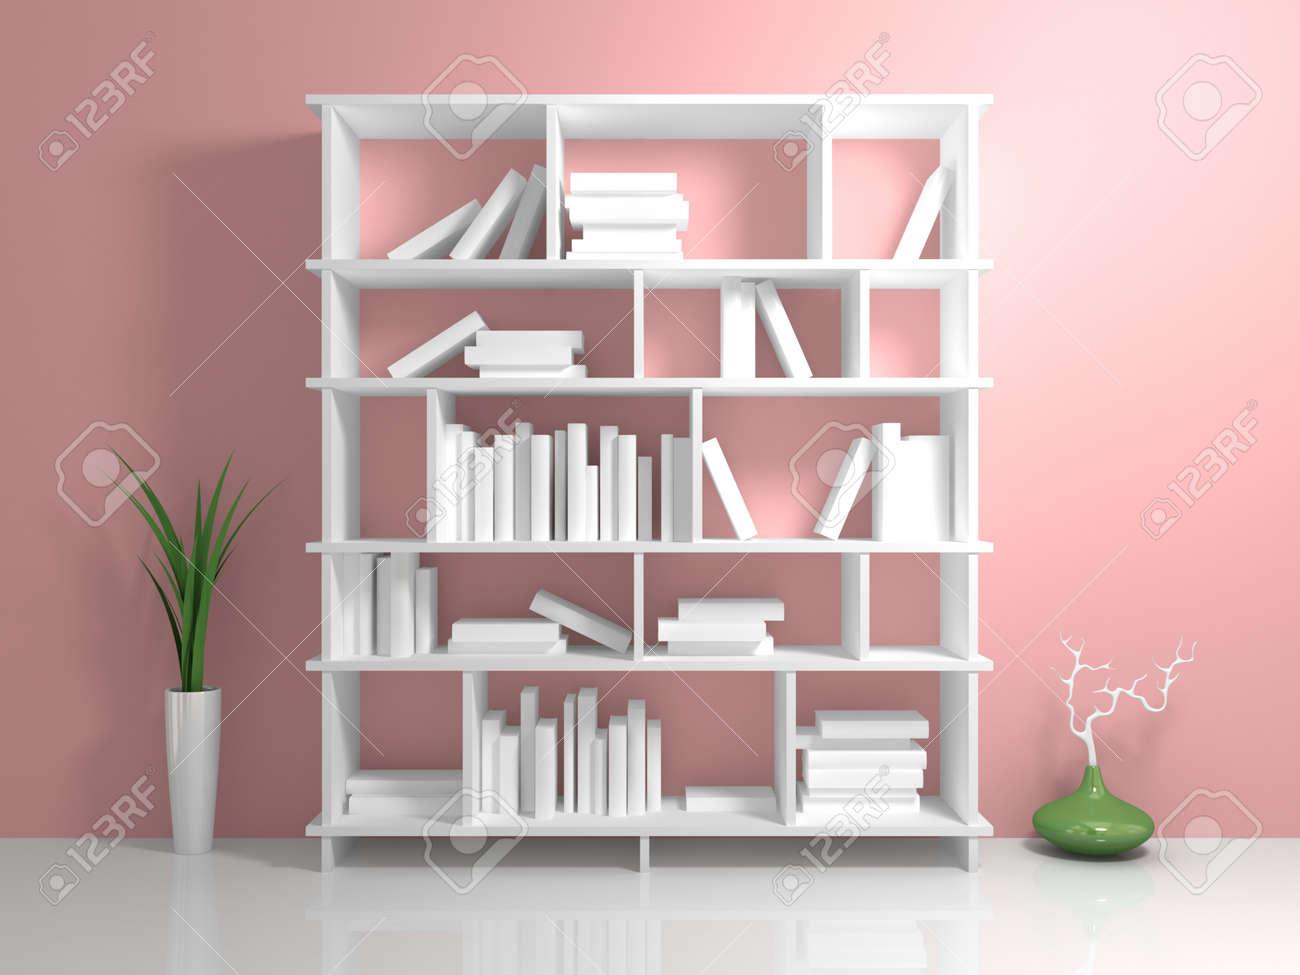 Verzauberkunst Weißes Bücherregal Referenz Von Standard-bild - Weißes Bücherregal Mit Einem Weißen